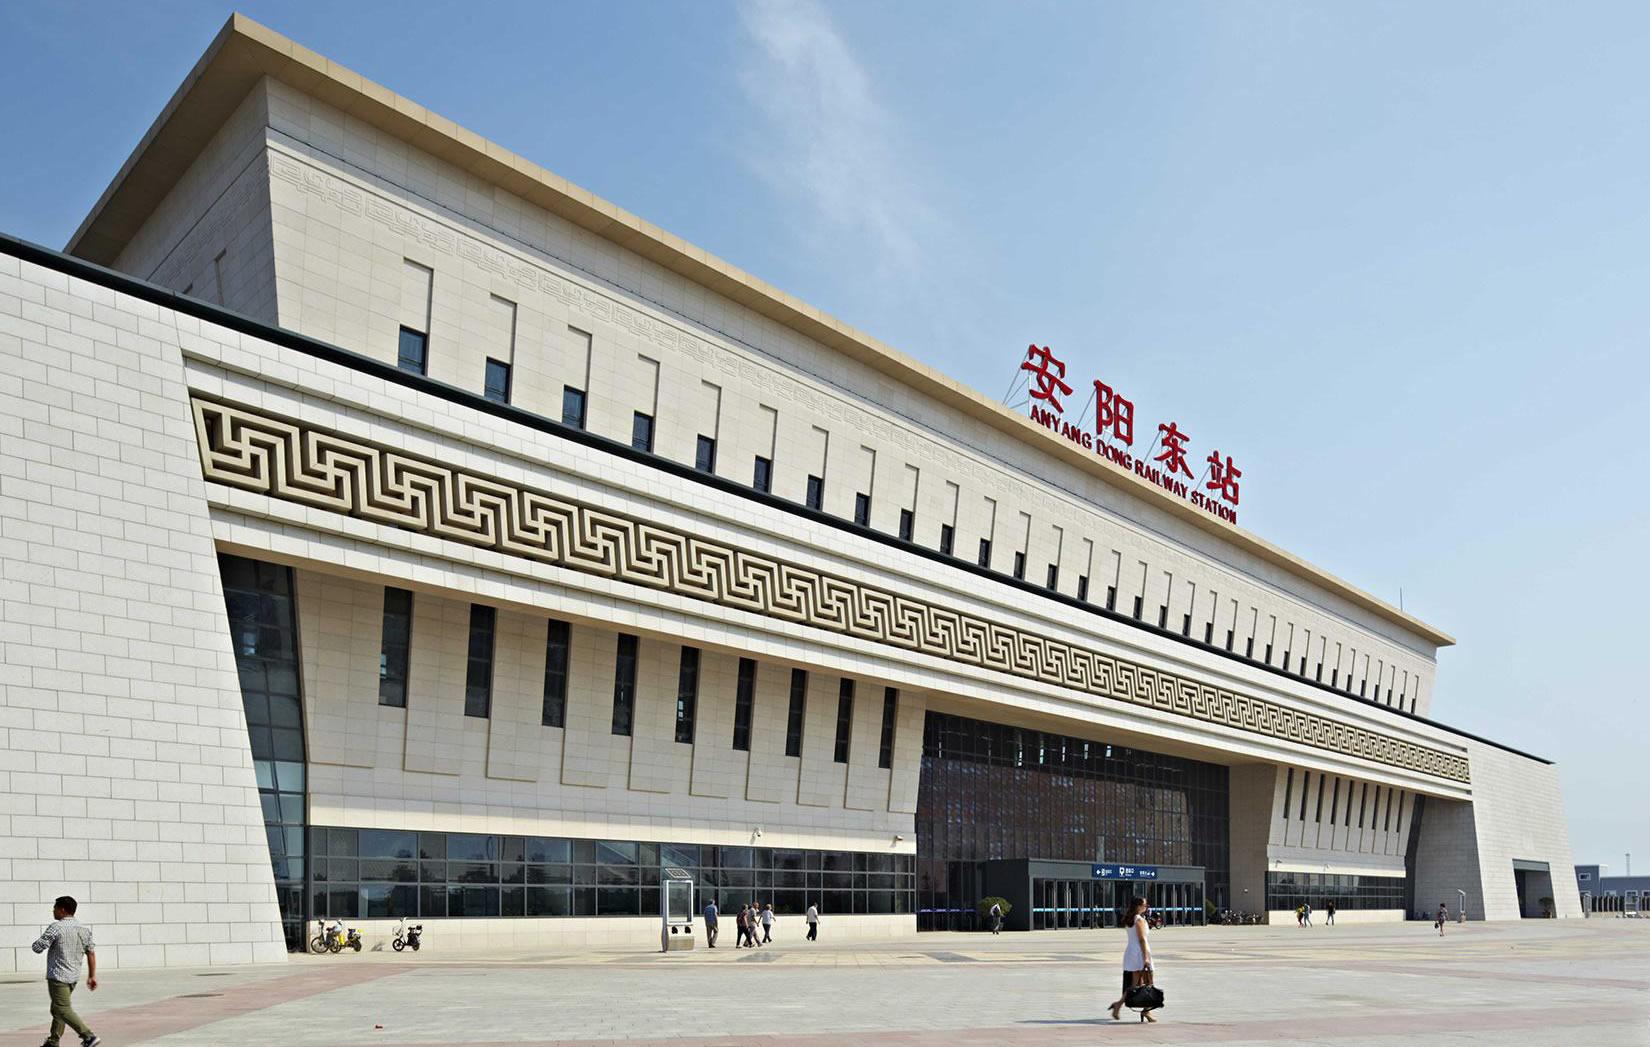 安阳东站石材幕墙设计案例